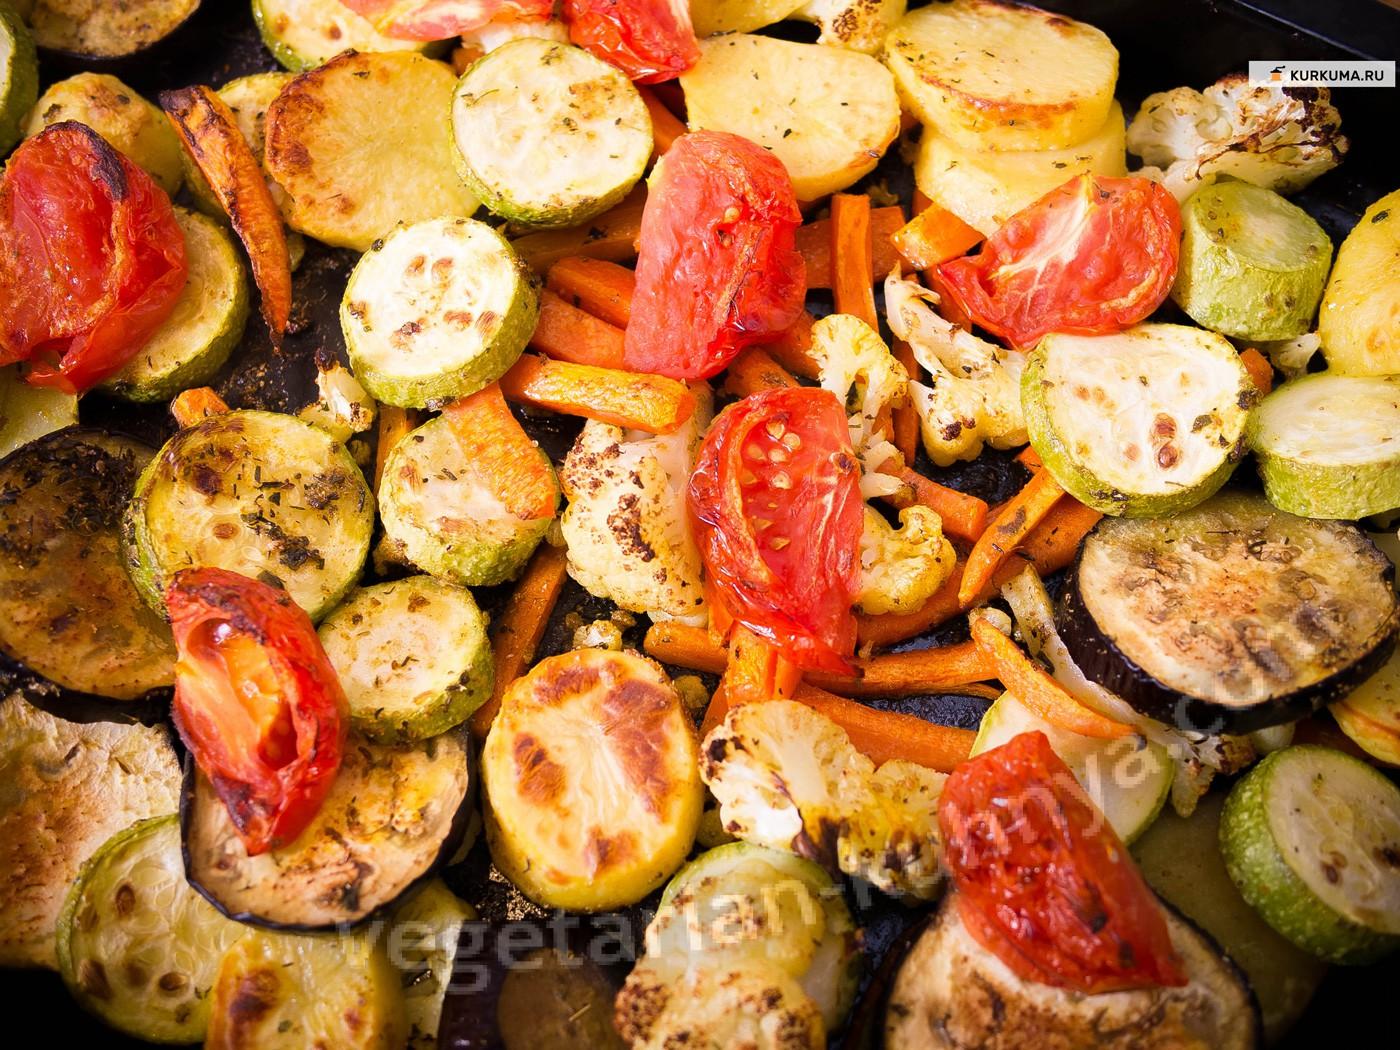 Запеченные овощи в духовке для похудения рецепт